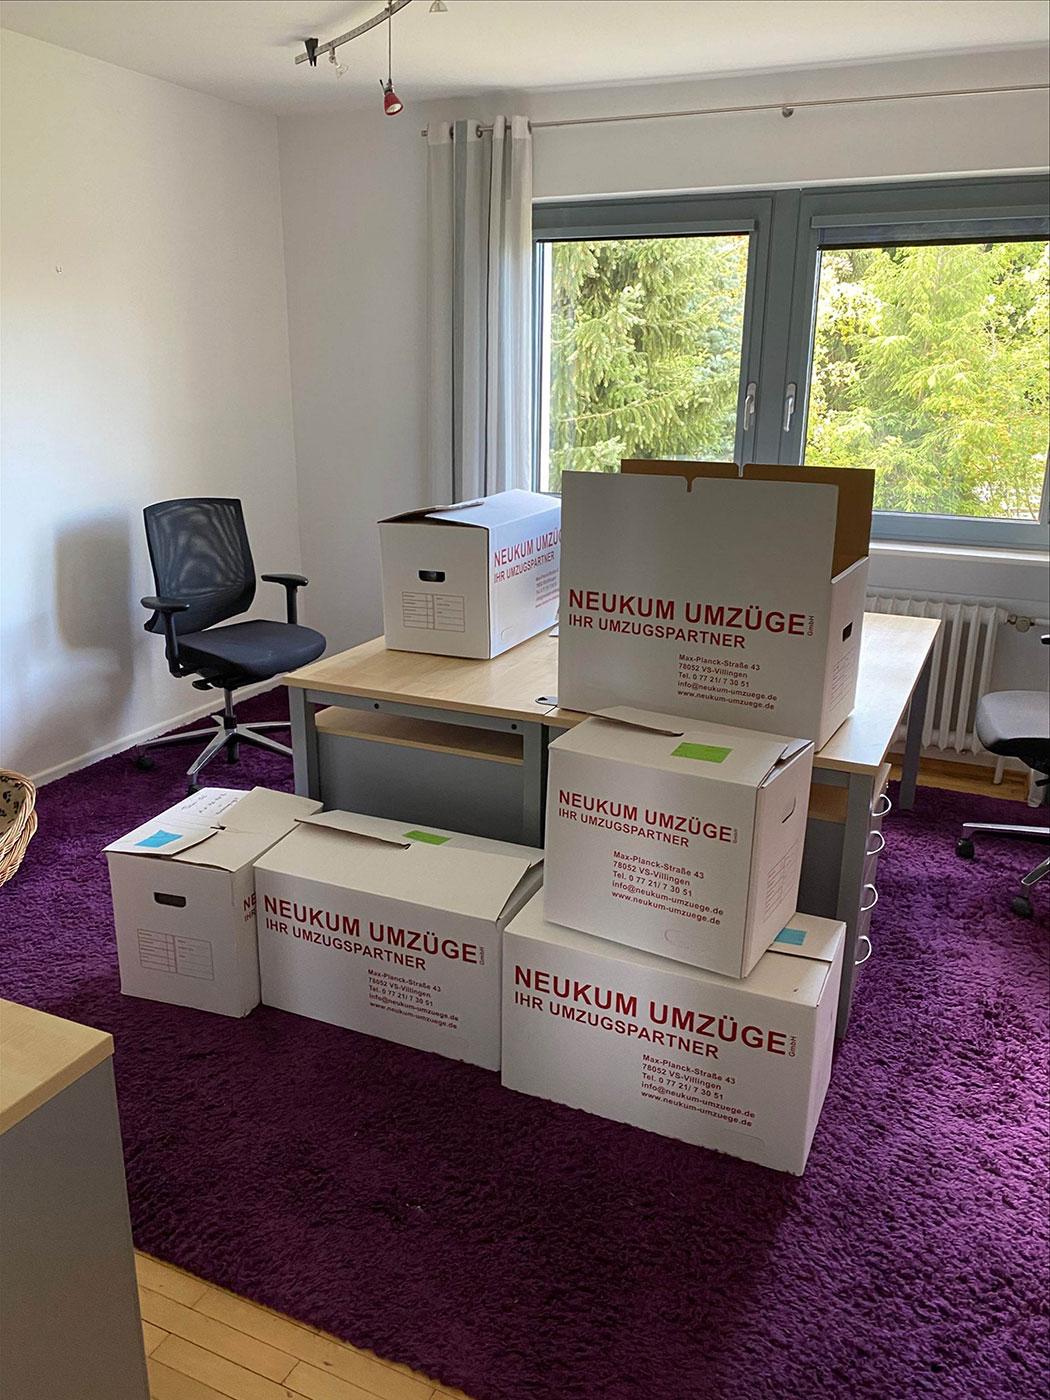 Alles gepackt und abholbereit für das Umzugsunternehmen